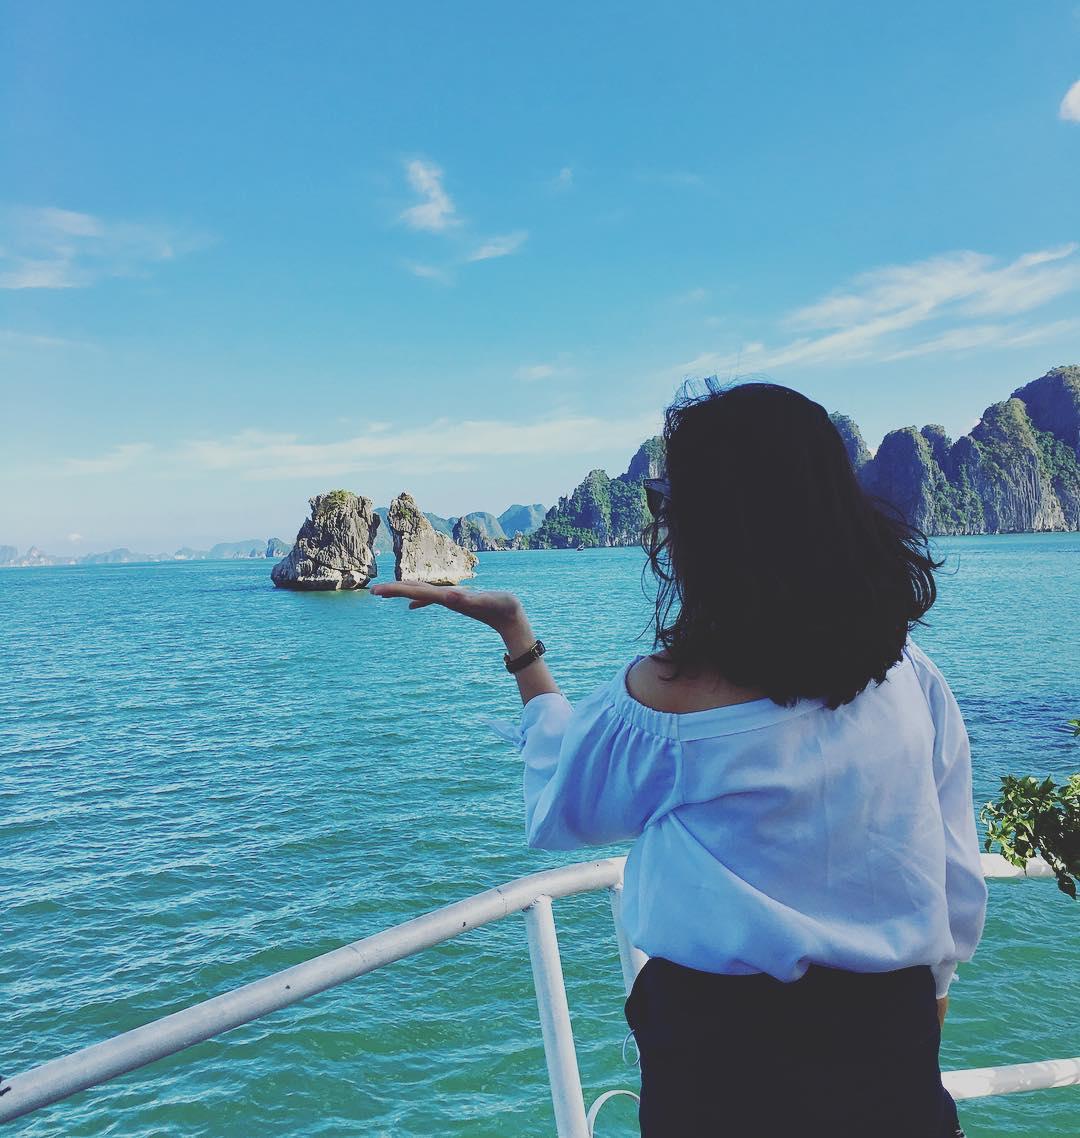 """Tour Hạ Long - Tha hồ """"seo phì"""" với Hòn Trống Mái"""